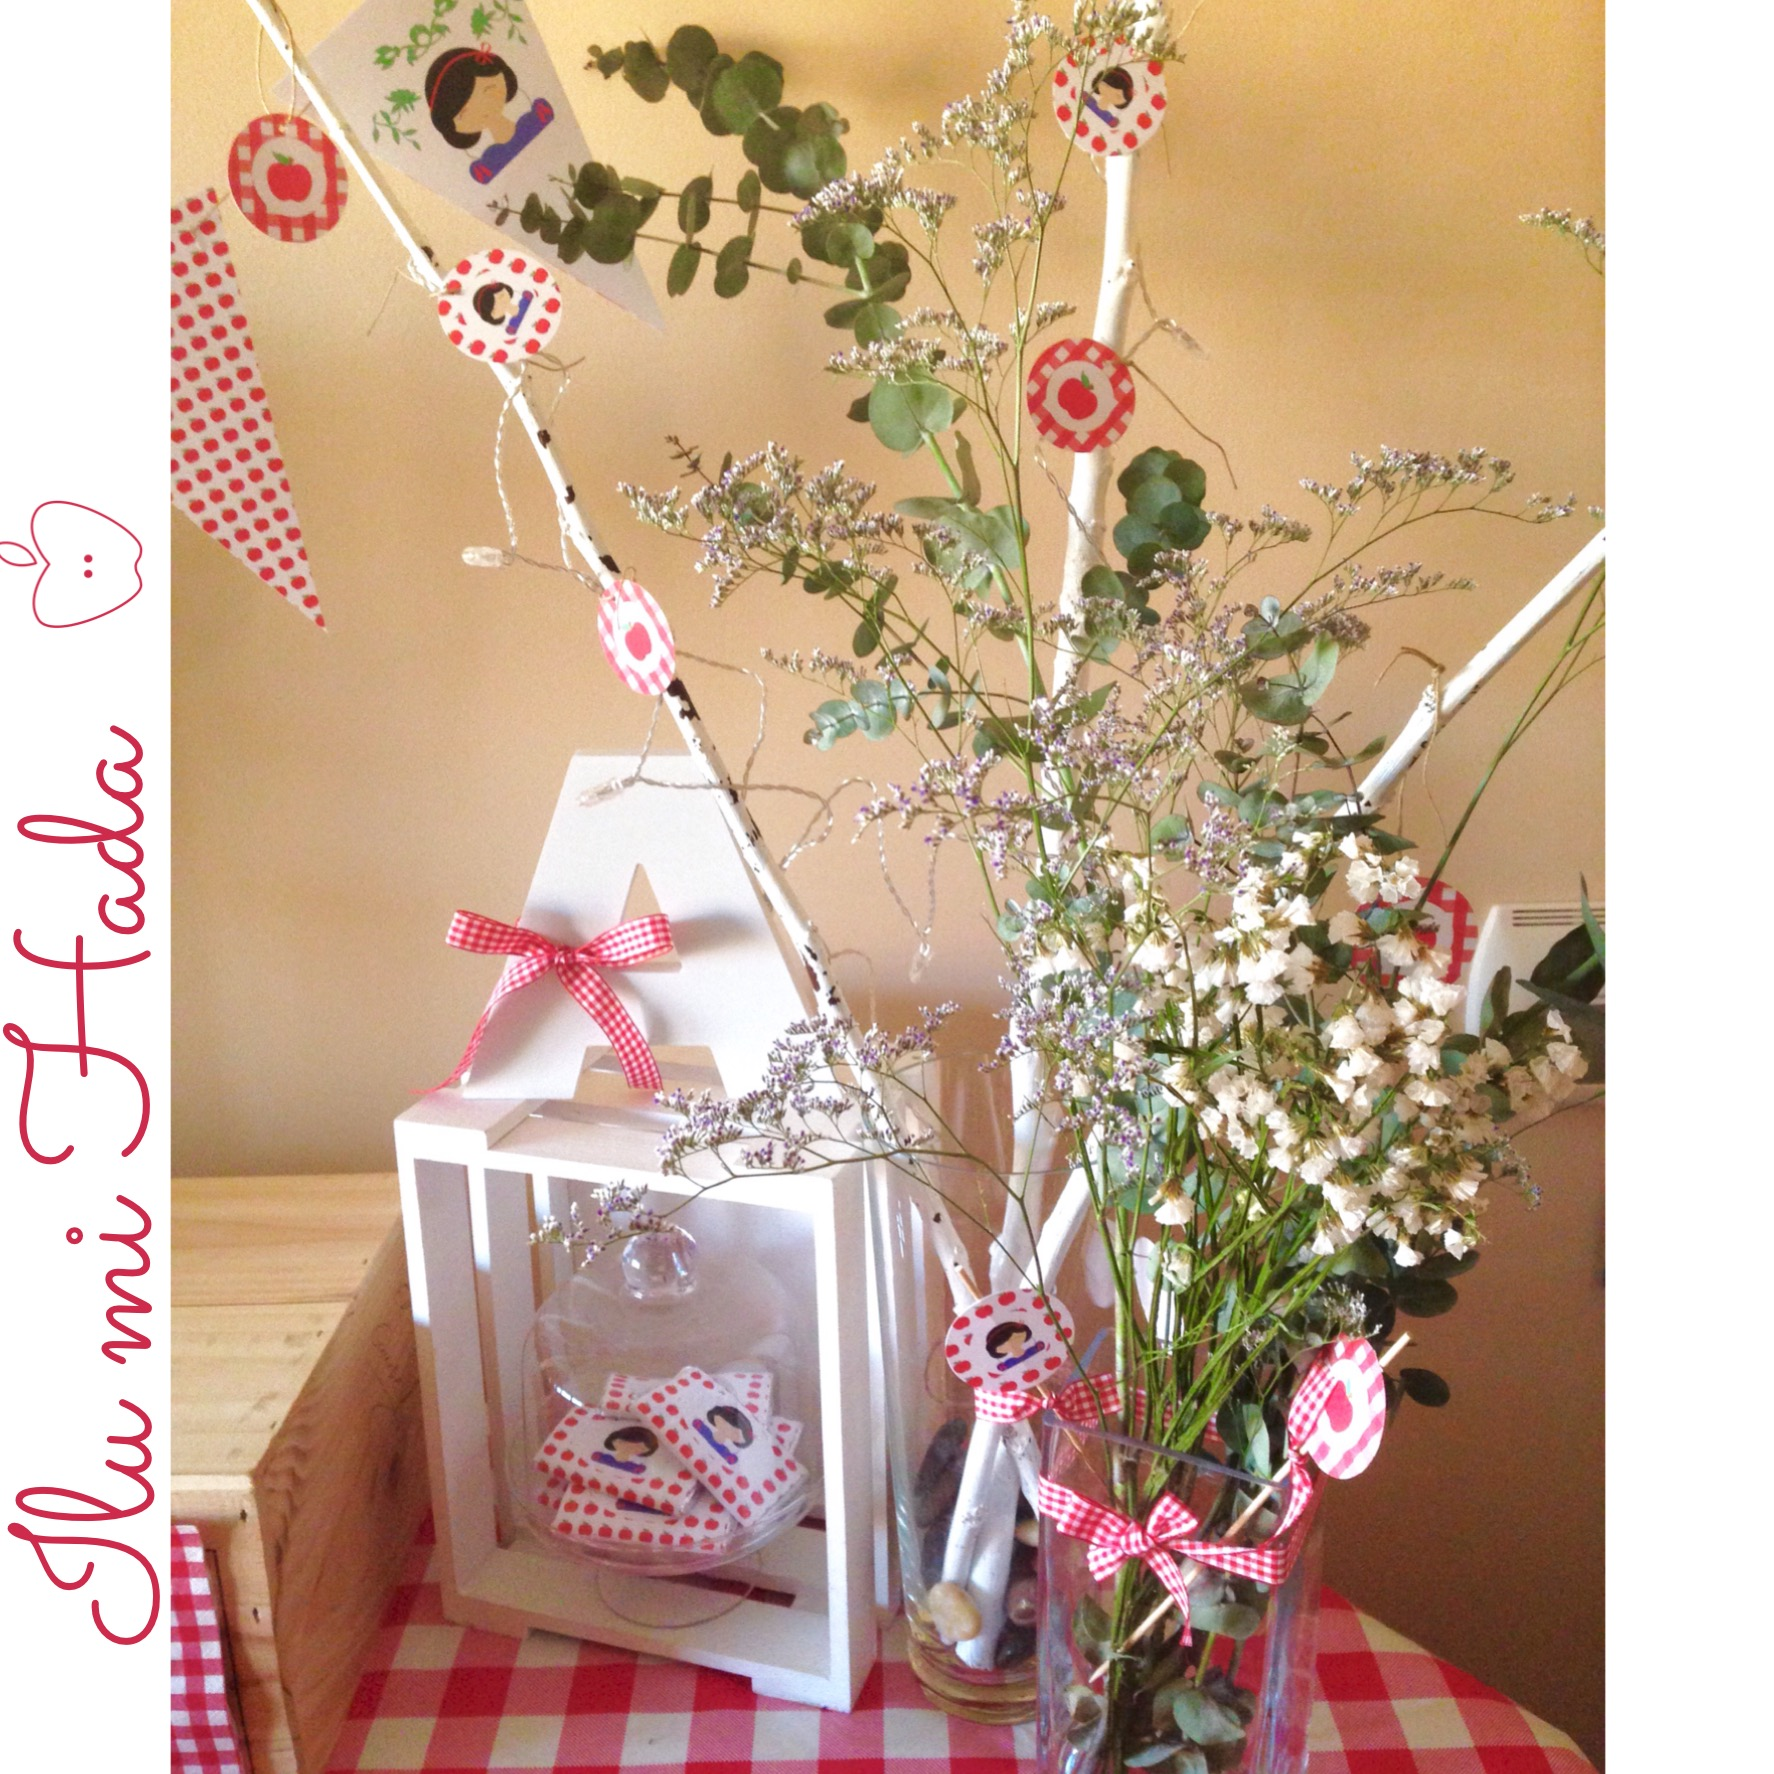 7. Letra A, adorno floral y chocolatinas